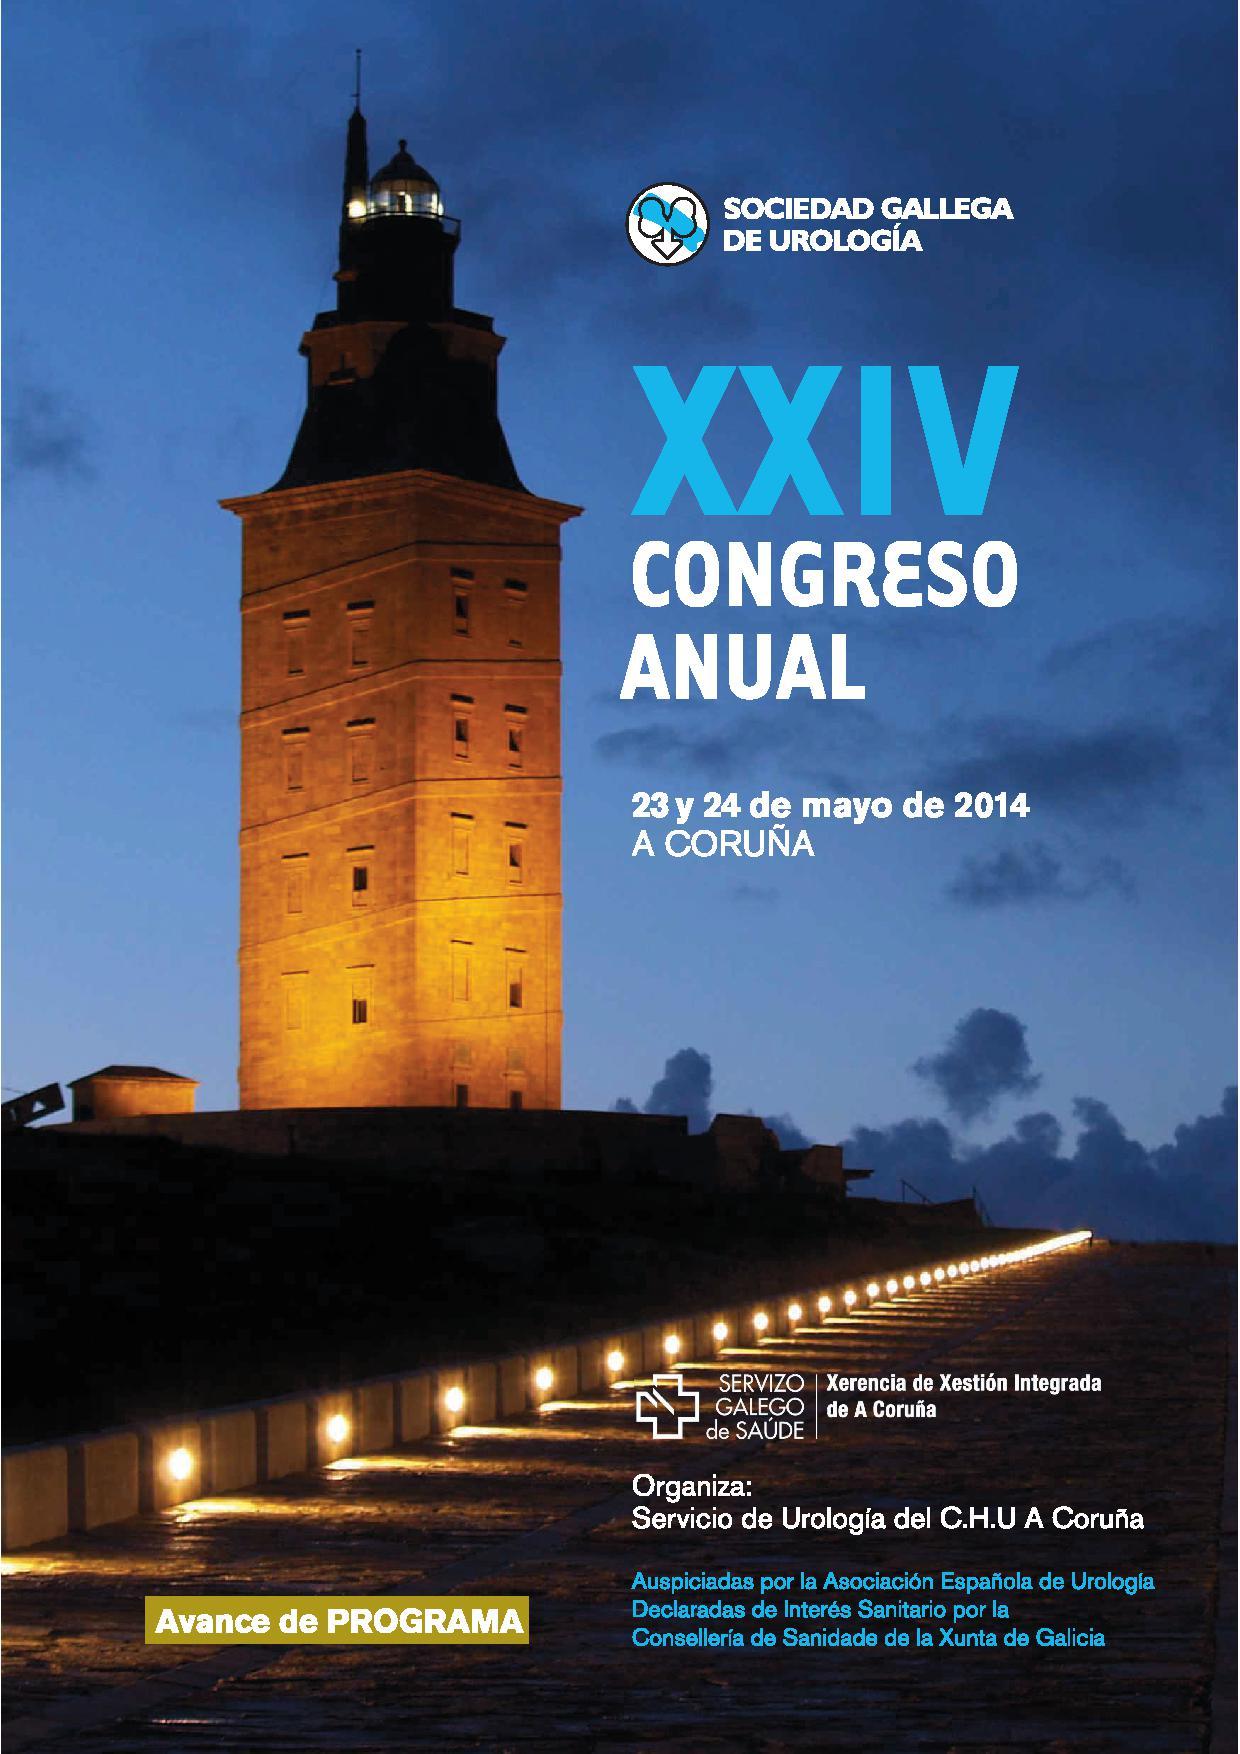 XXIV Congreso Anual de la Sociedad Gallega de Urología